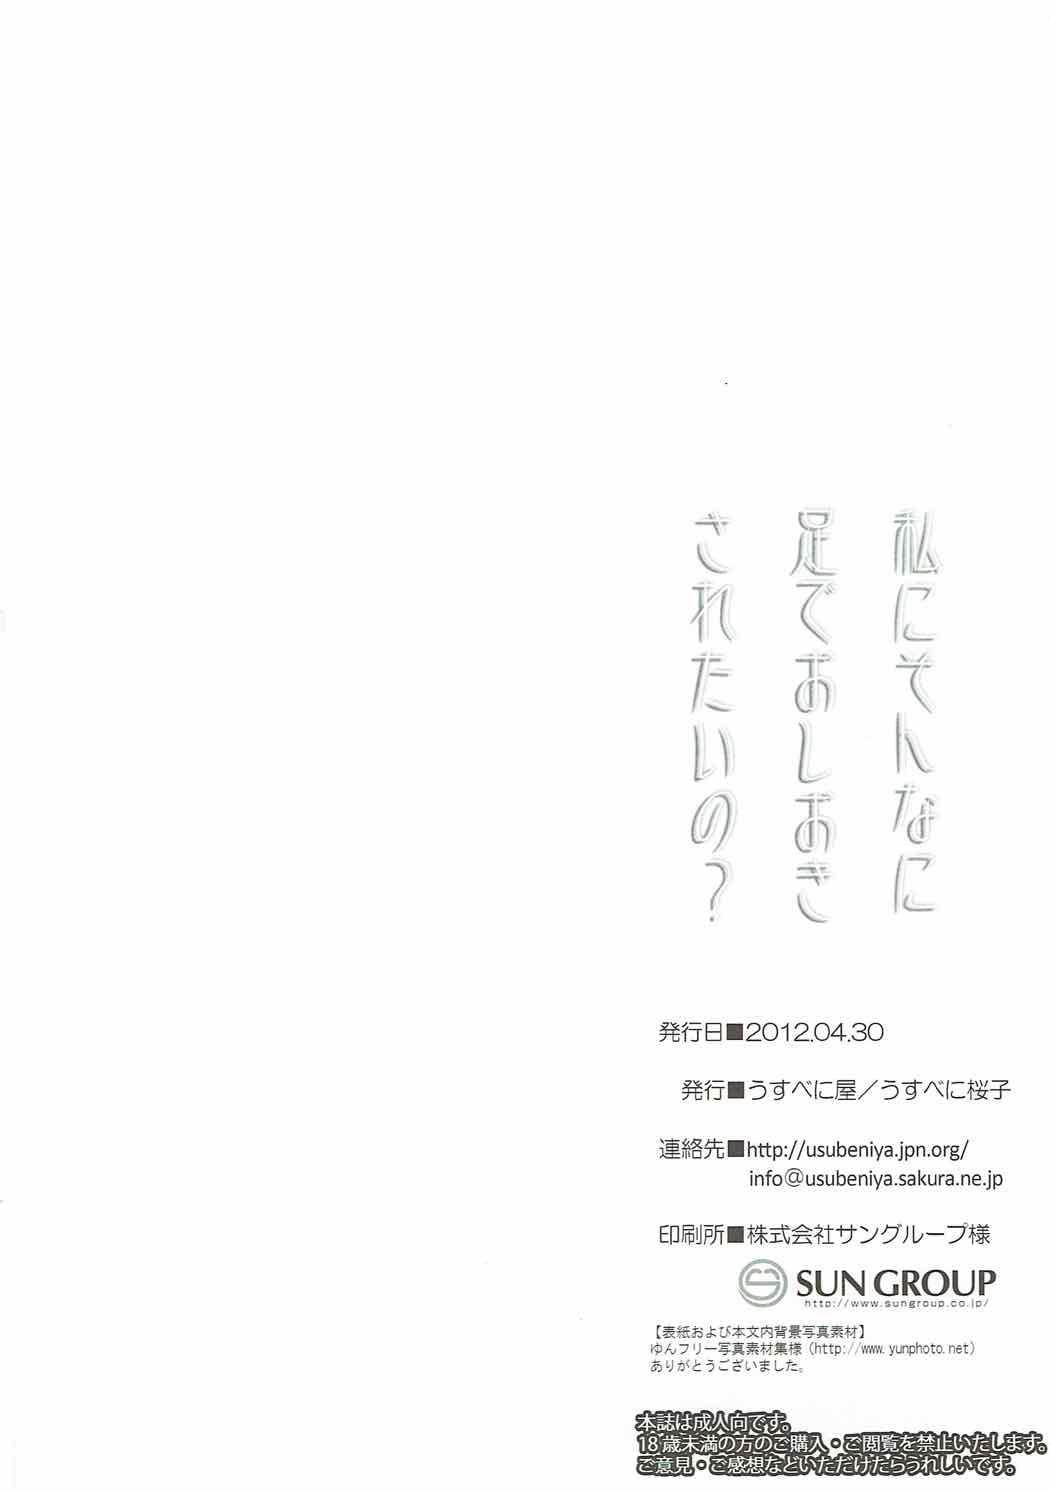 Watashi ni Sonna ni Ashi de Oshioki Saretai no? | Do You Want Me To Punish You With My Feet 12